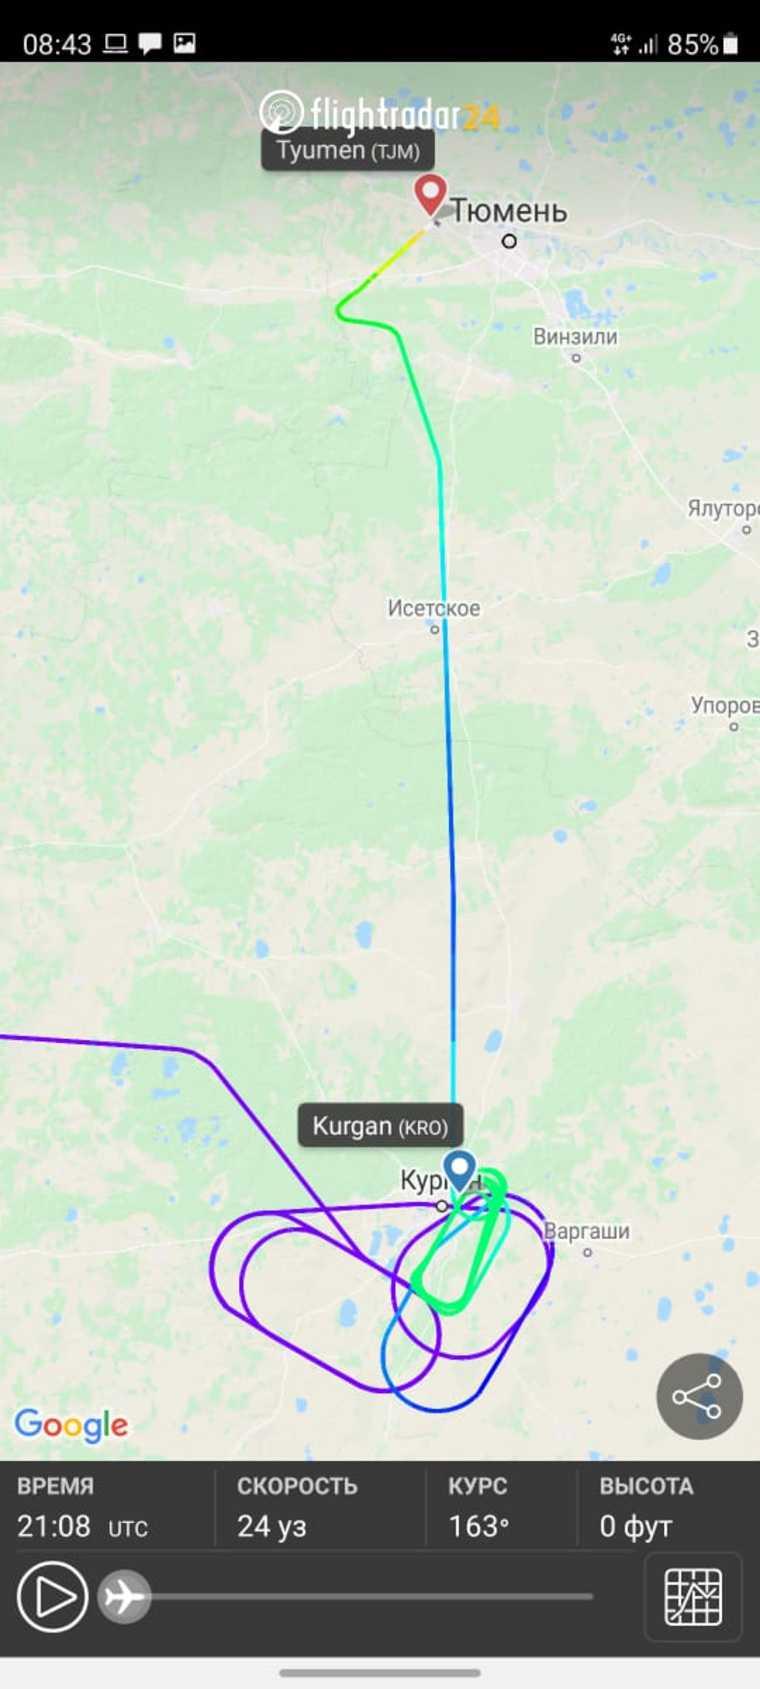 Самолет больше часа кружил над Курганом, но улетел в Тюмень